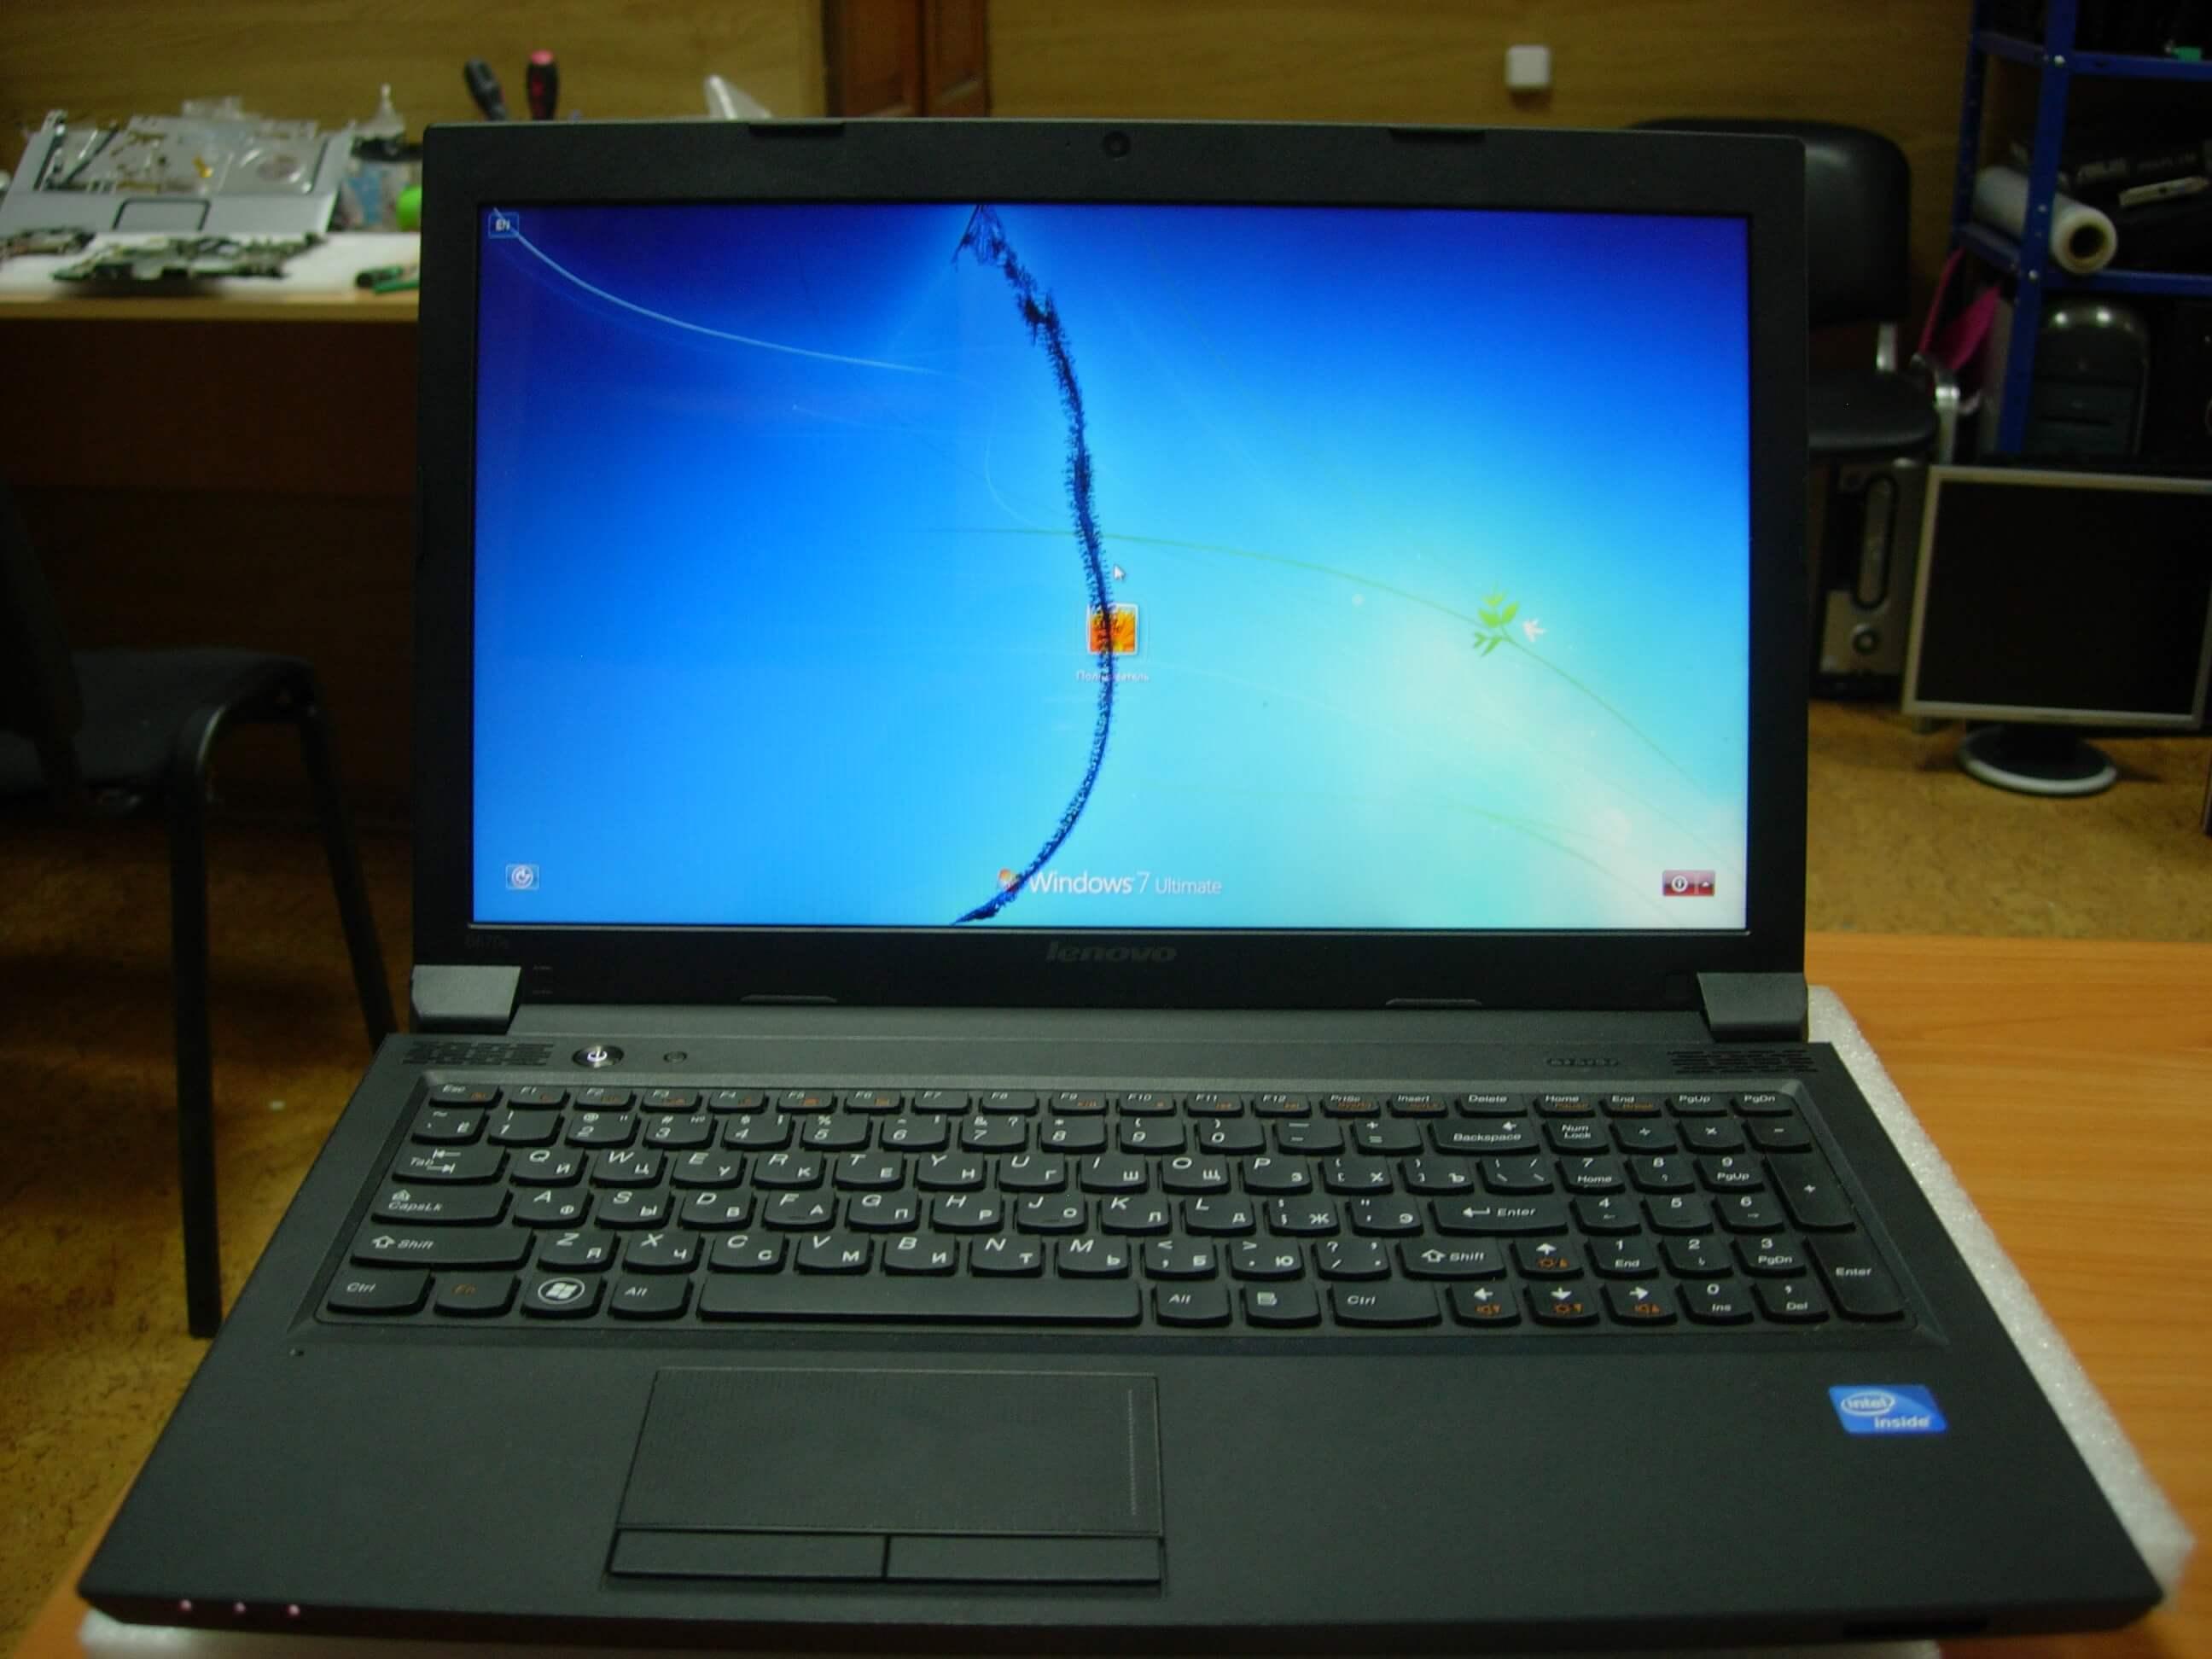 Драйвера на ноутбук леново в570е скачать бесплатно